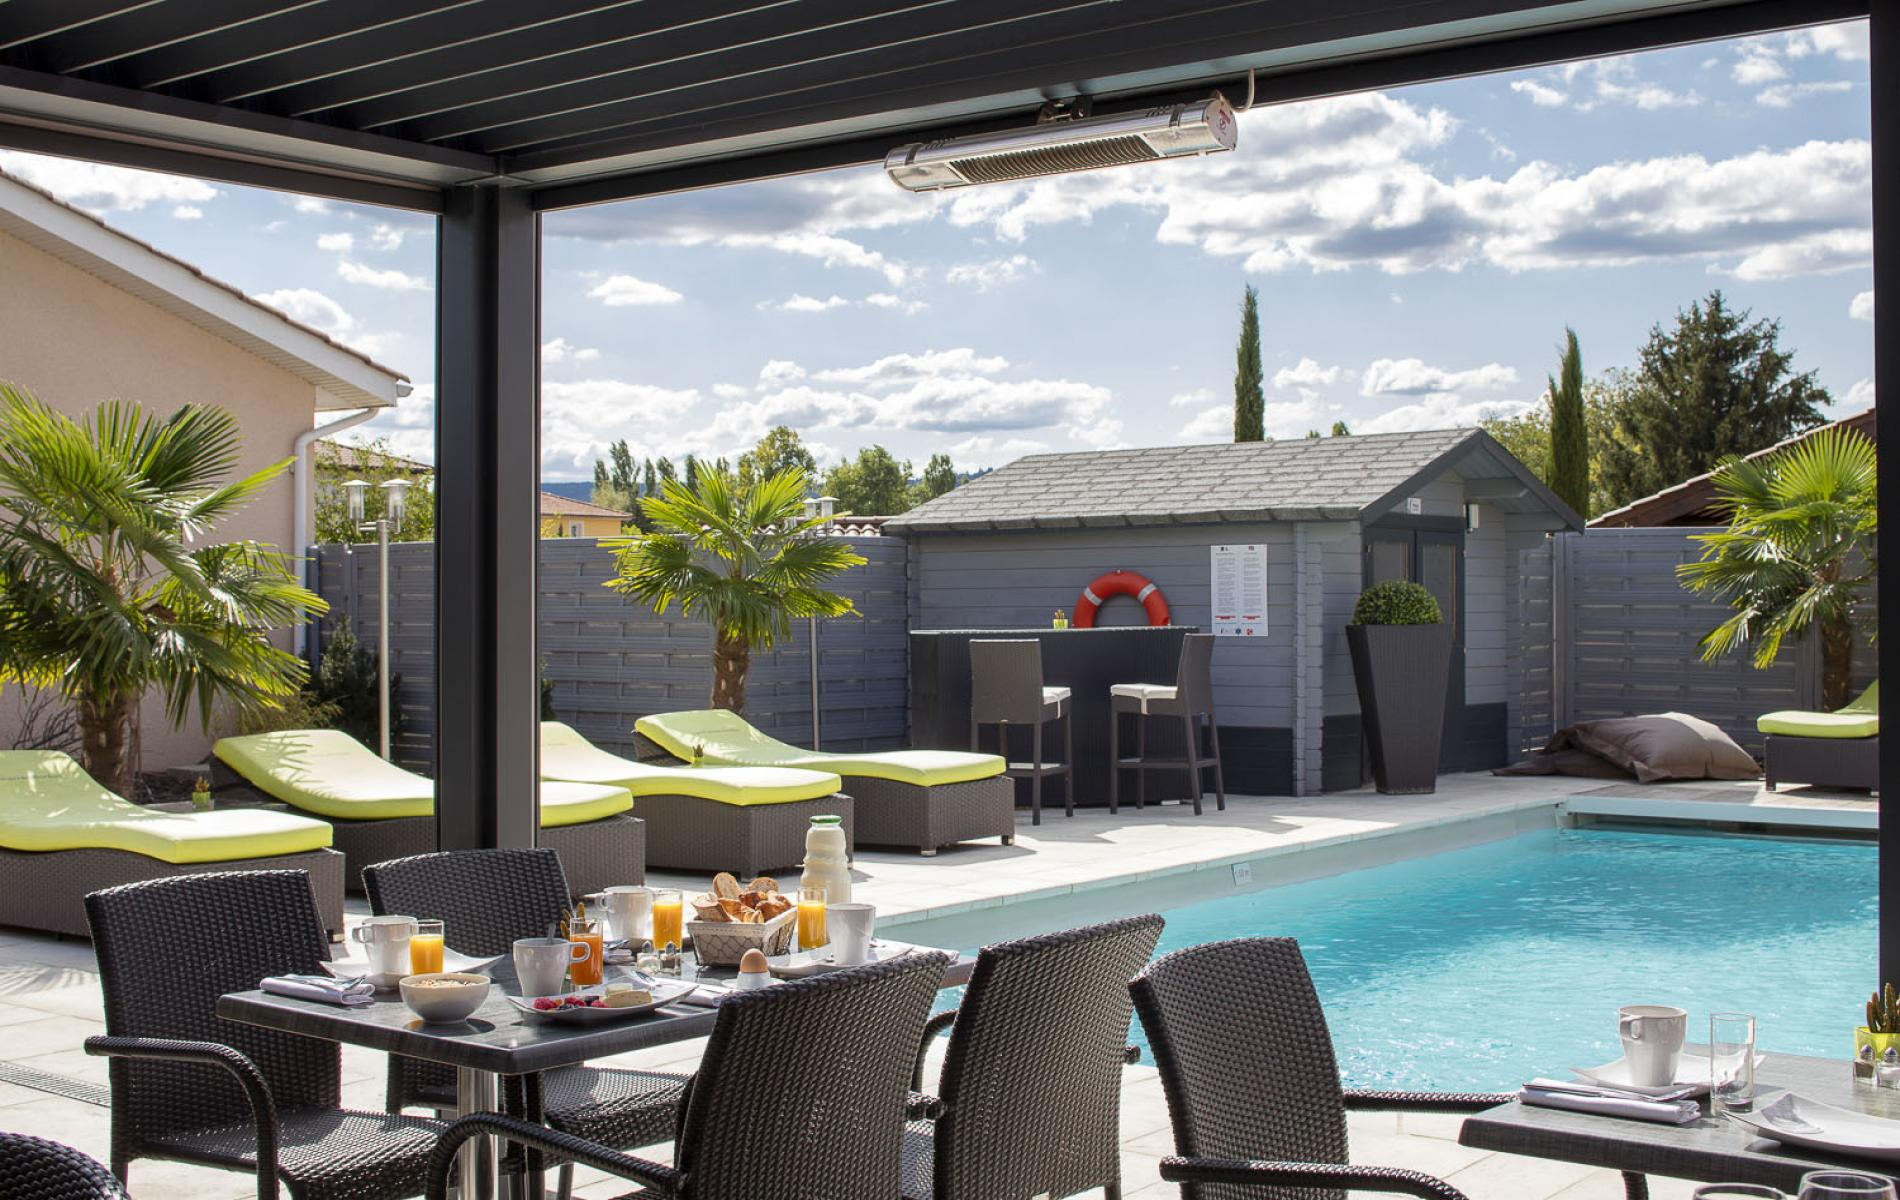 ∞Les Pierres Dorées, Hotel With Pool Near Lyon concernant Hotel Avec Piscine Ile De France